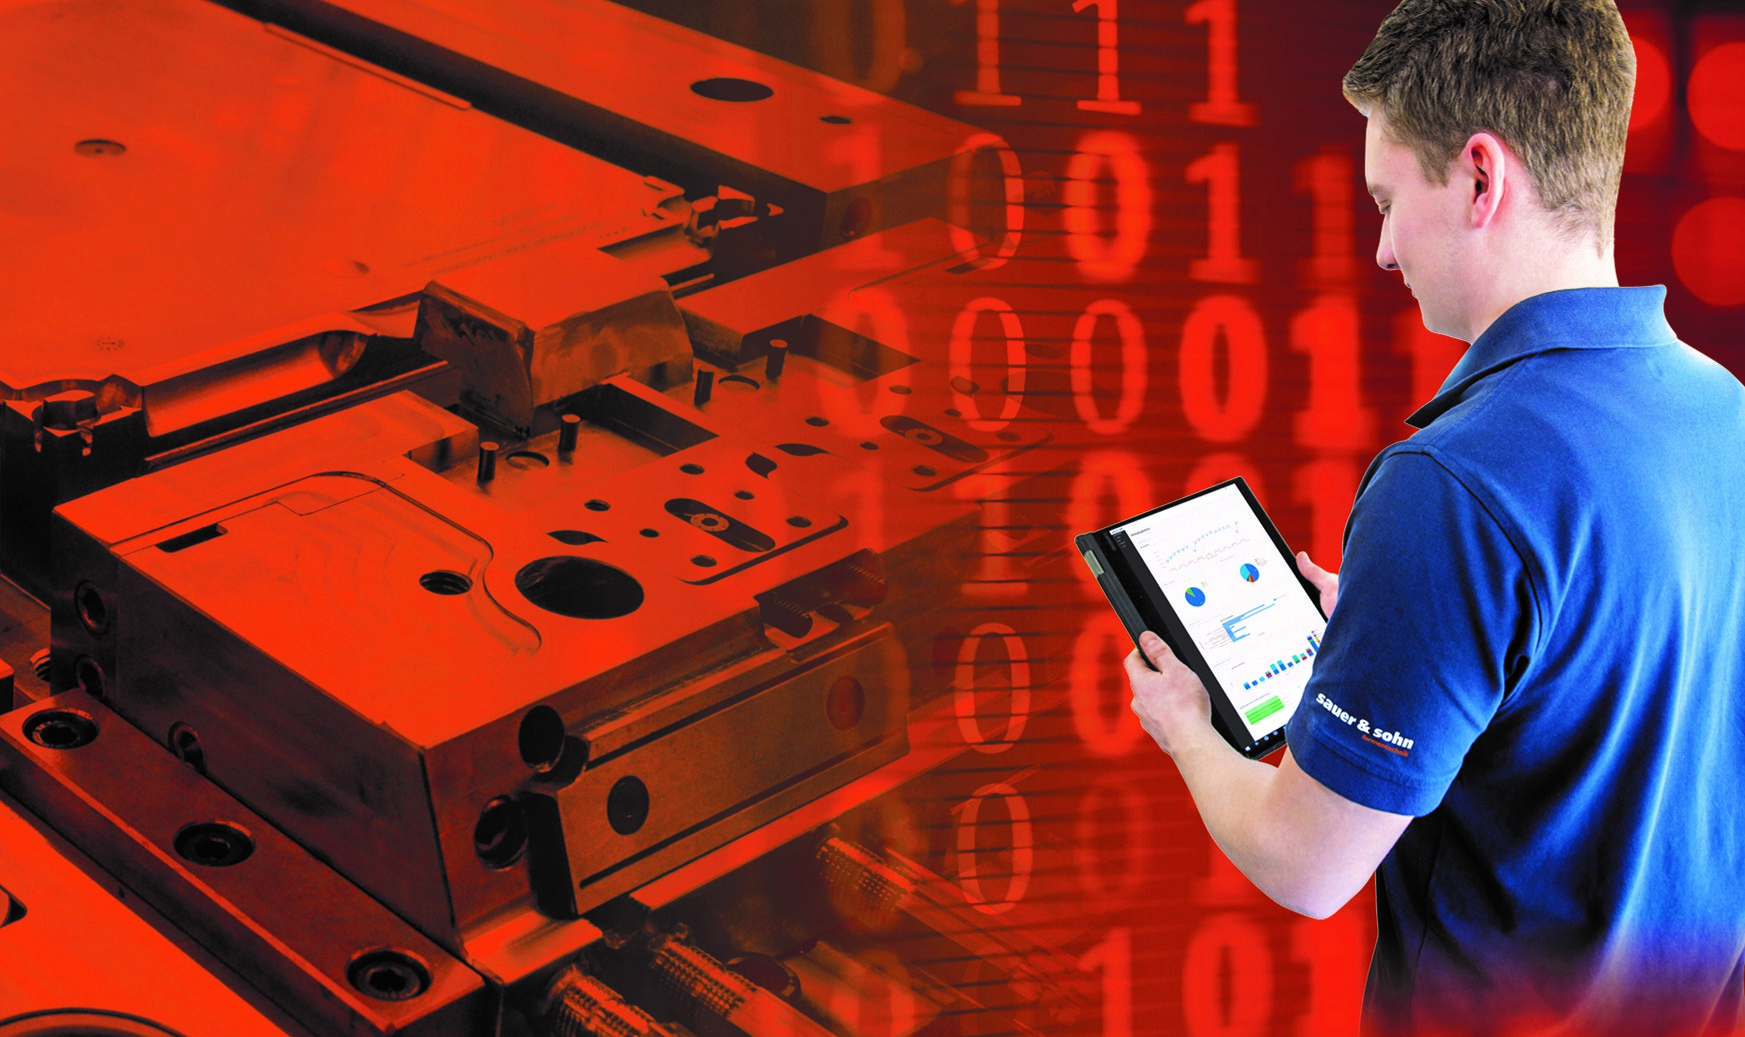 Fachbeitrag: Digitales Werkzeugmanagement erhöht Werkzeugverfügbarkeit